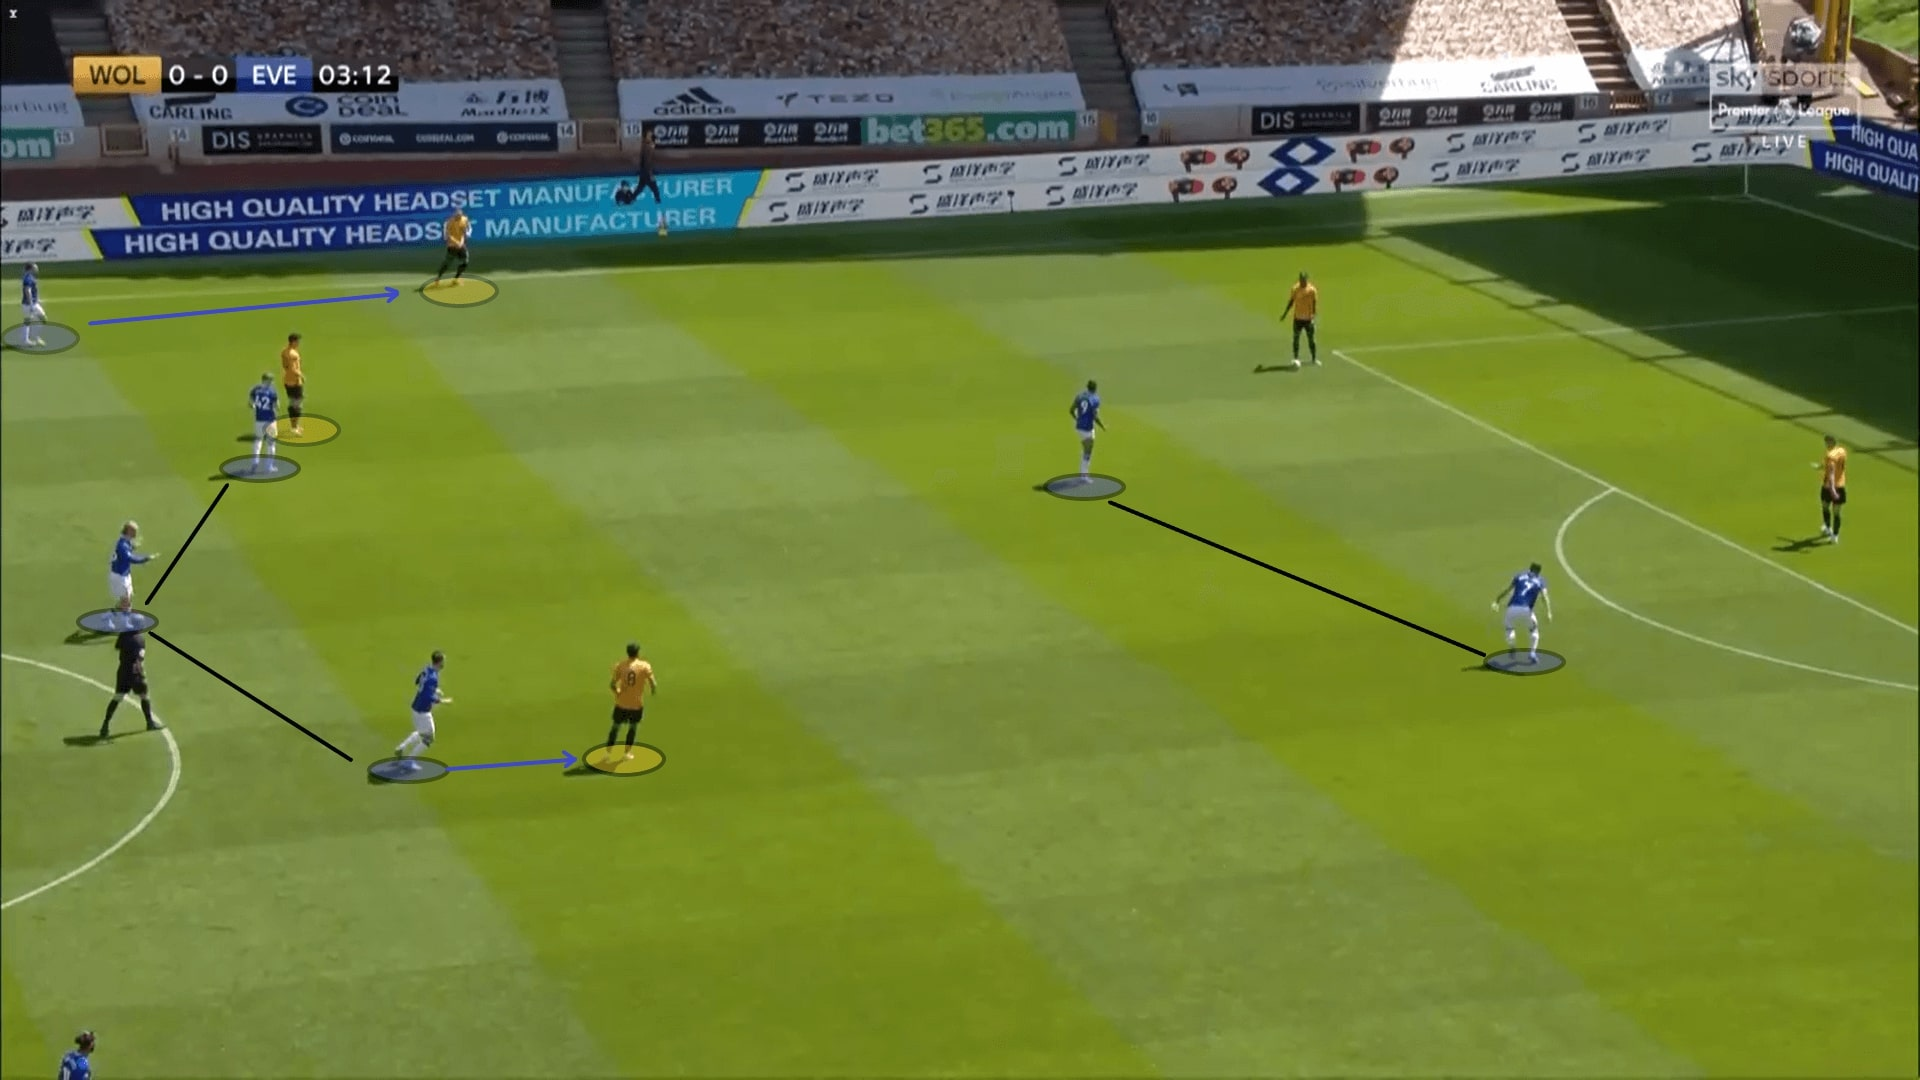 Premier League 2019/20: Wolves vs Everton - tactical analysis tactics